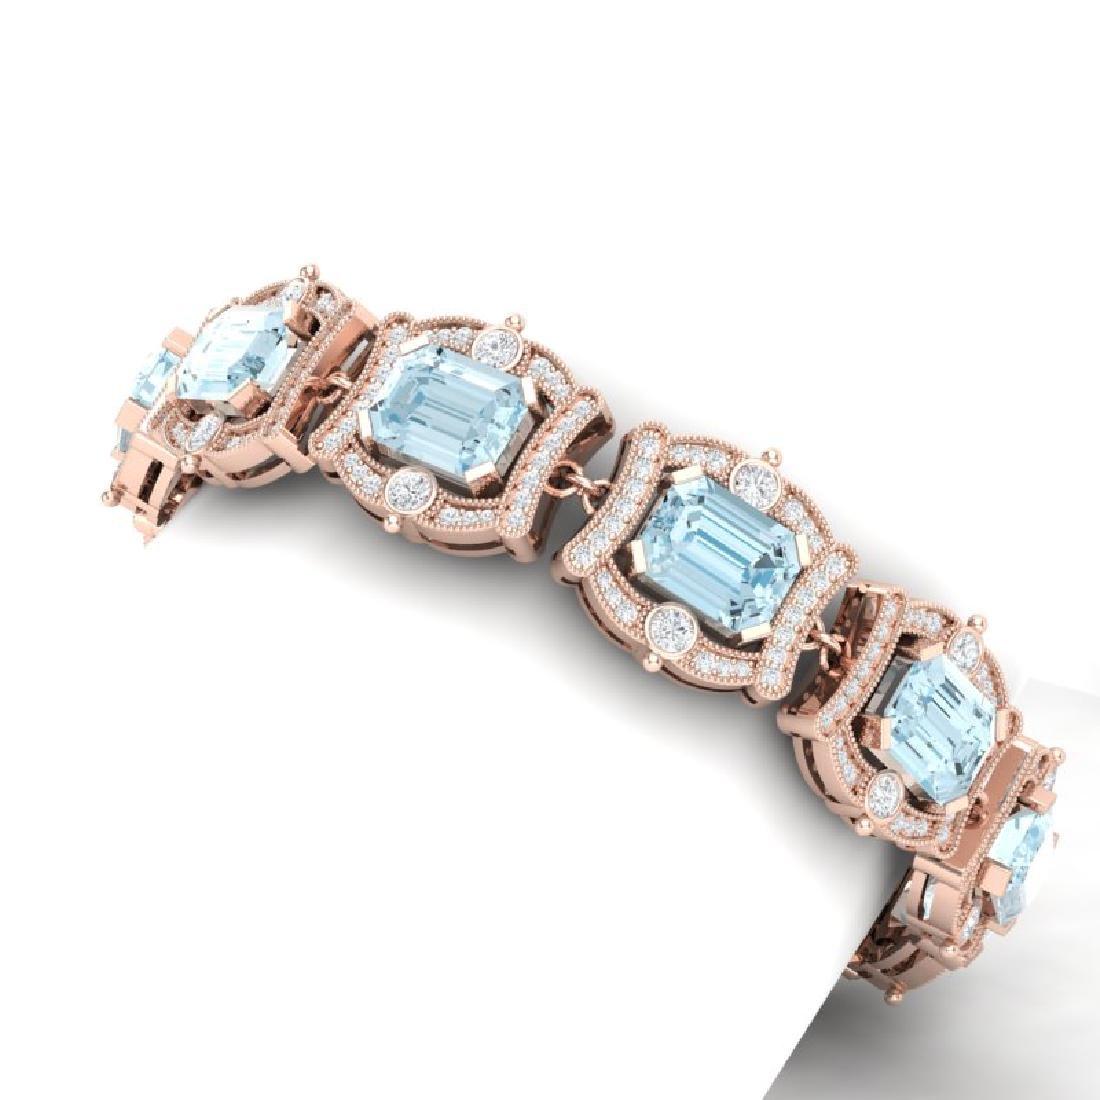 42.18 CTW Royalty Sky Topaz & VS Diamond Bracelet 18K - 2